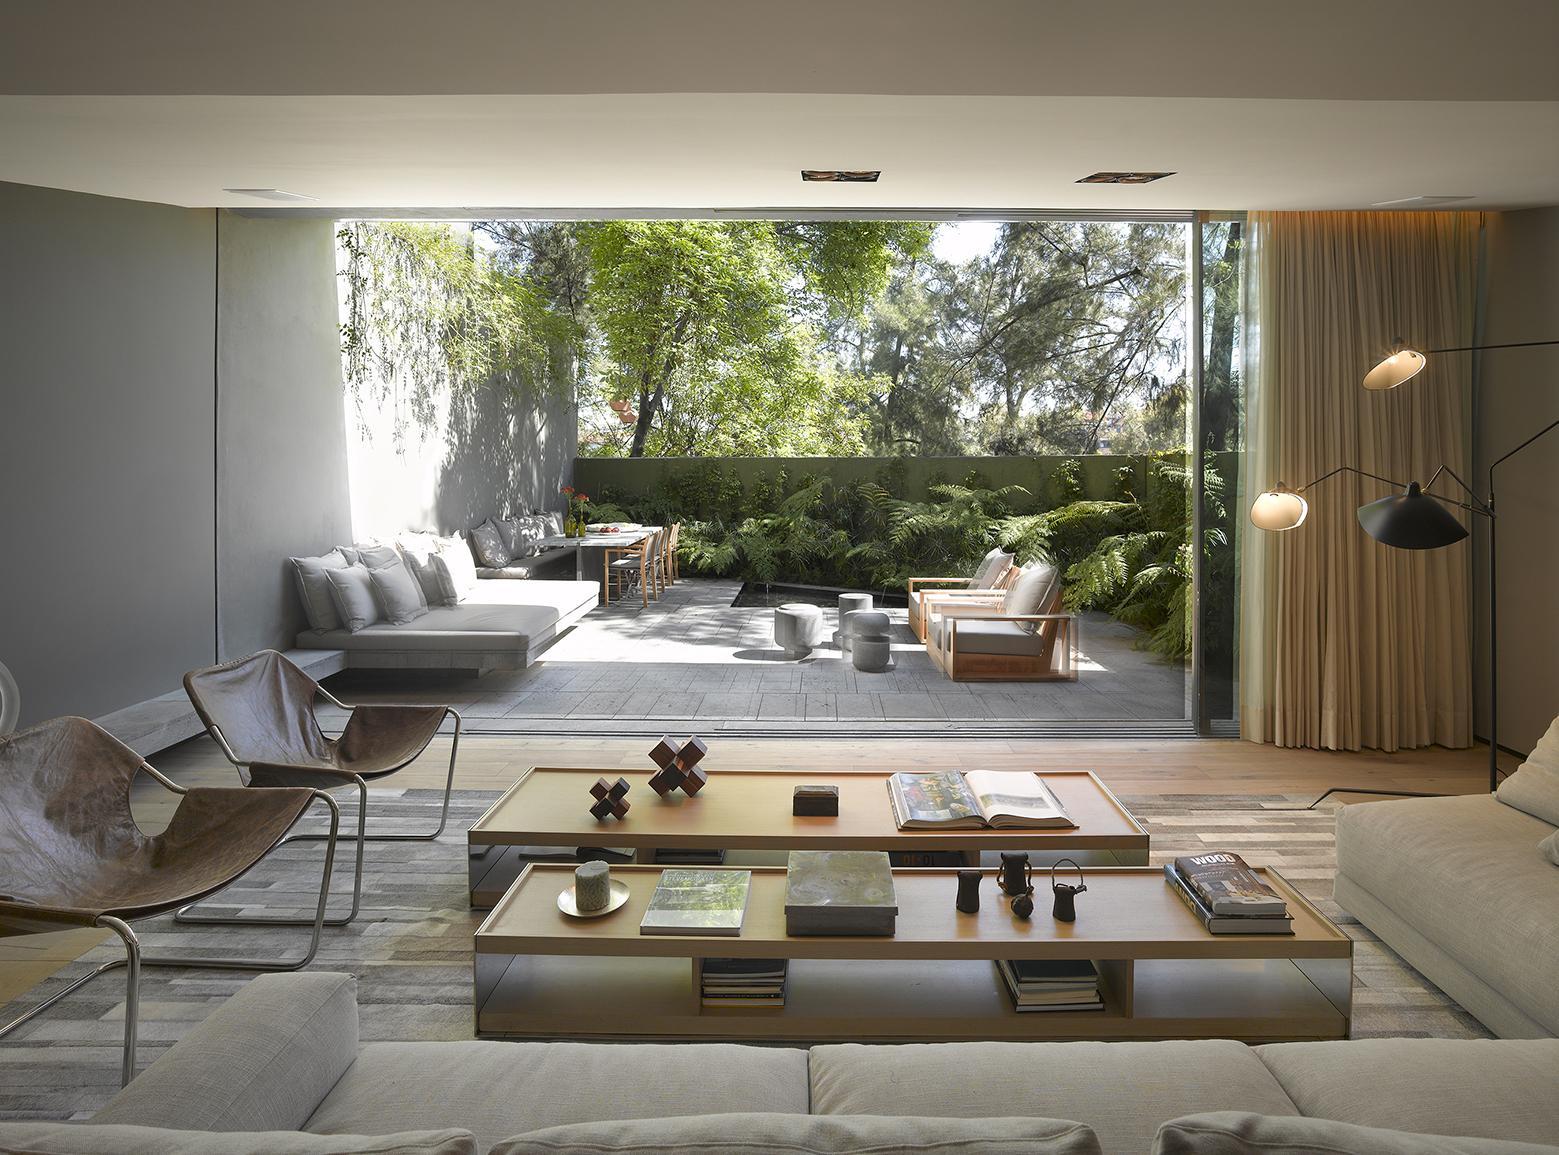 Barrancas-House-In-Mexico-City-Mexico-16nowoczesna-willa-rezydencja-projekty-2